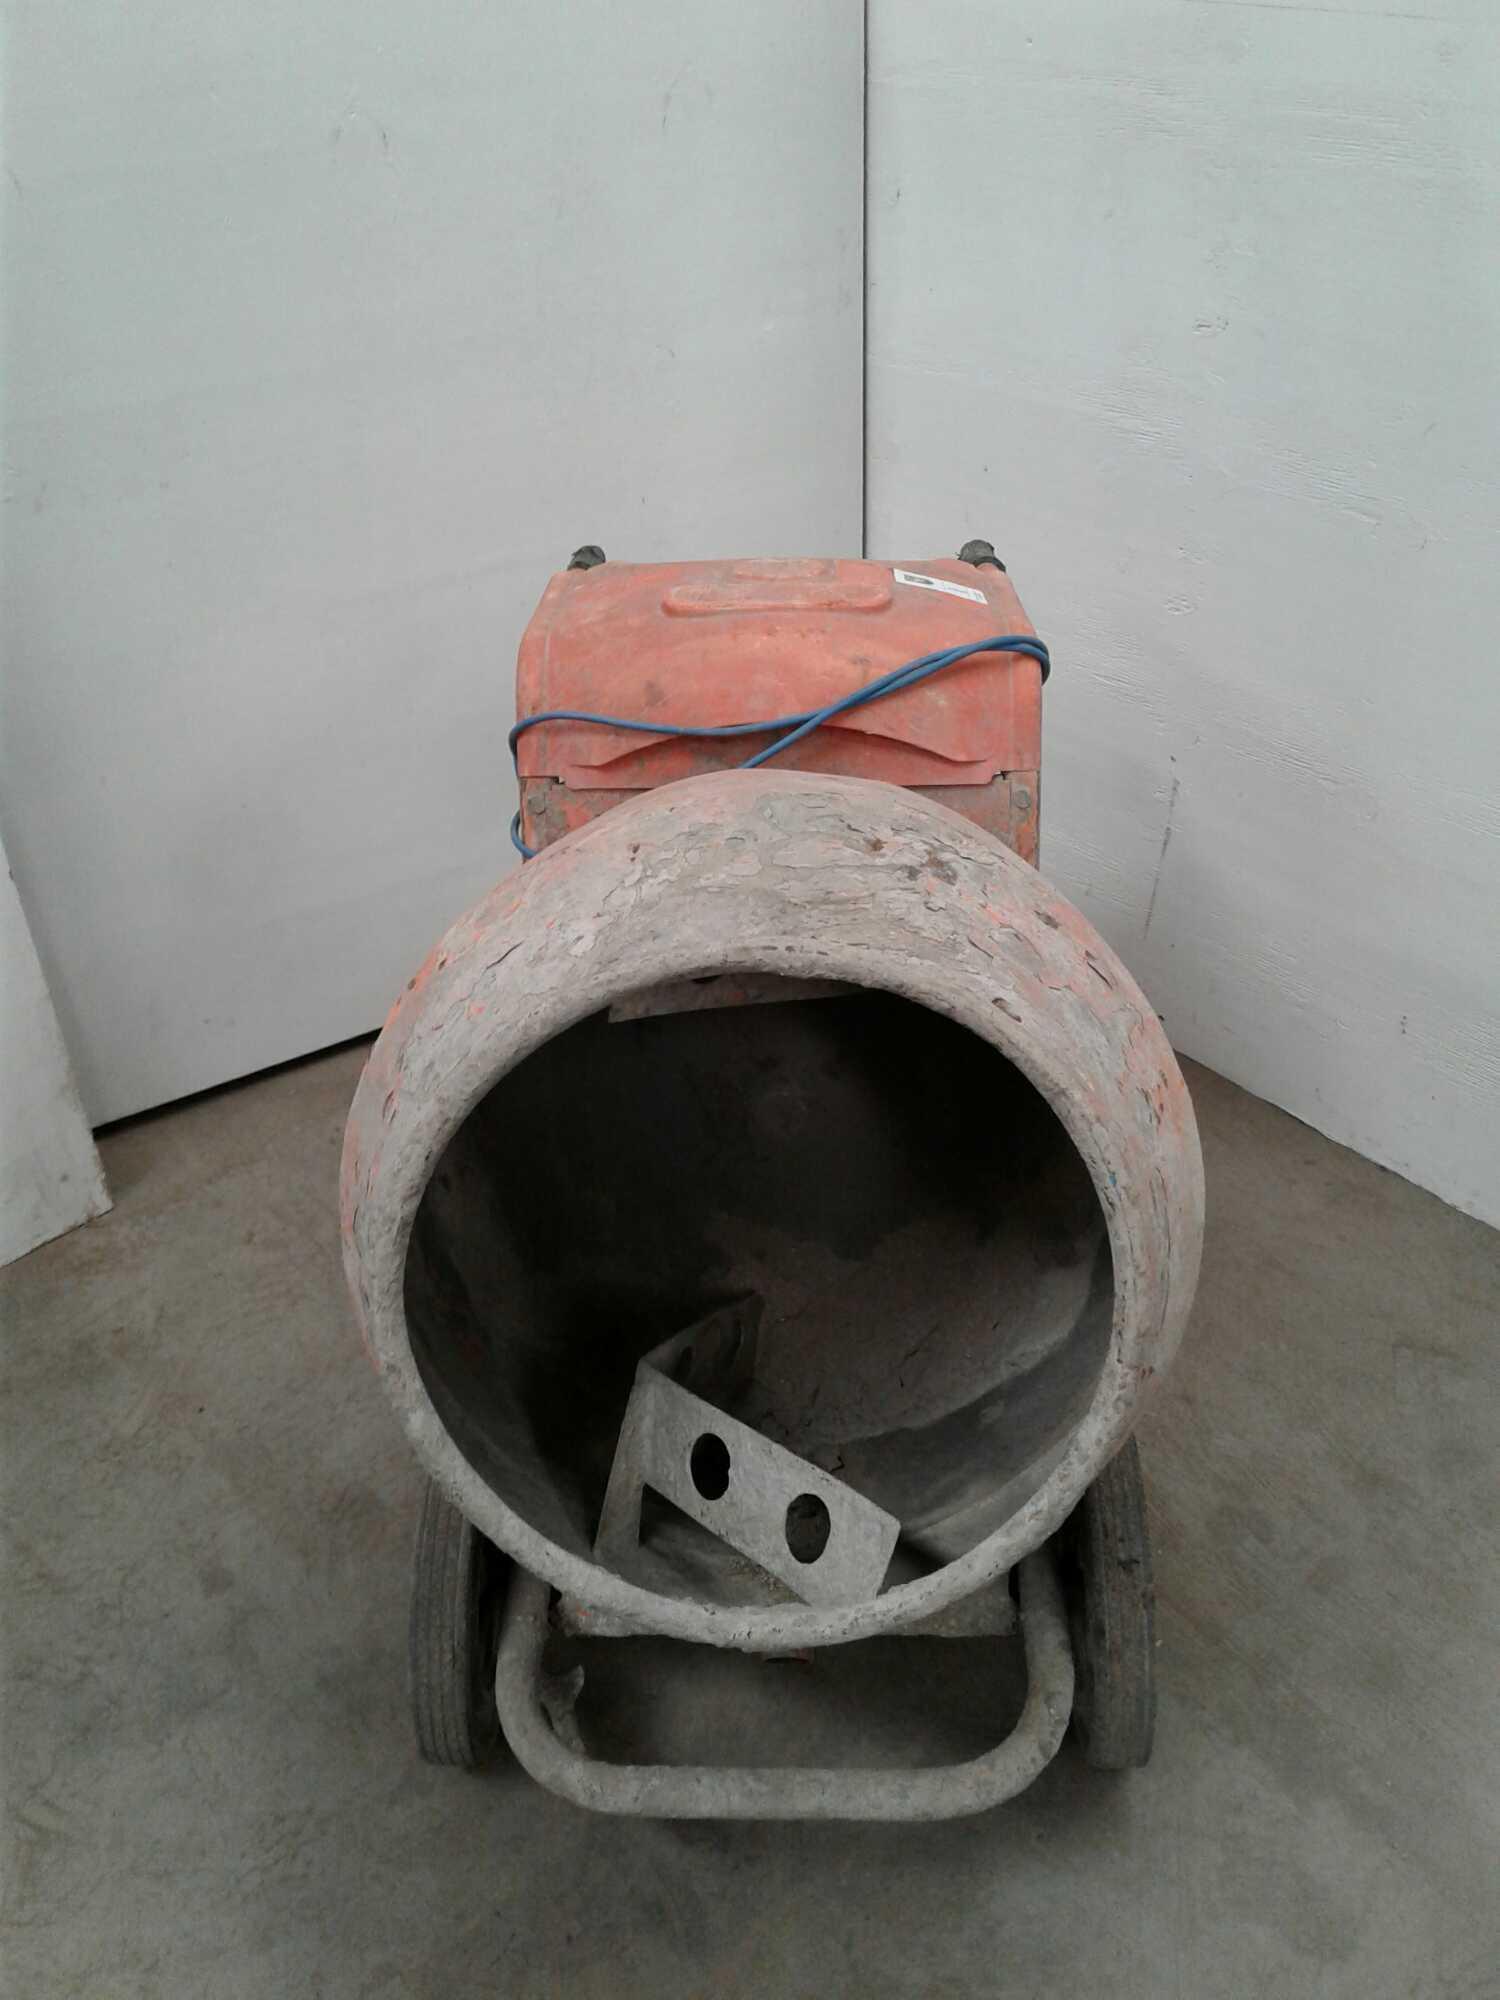 Lot 1 - Belle minimix 150 concrete mixer 230v